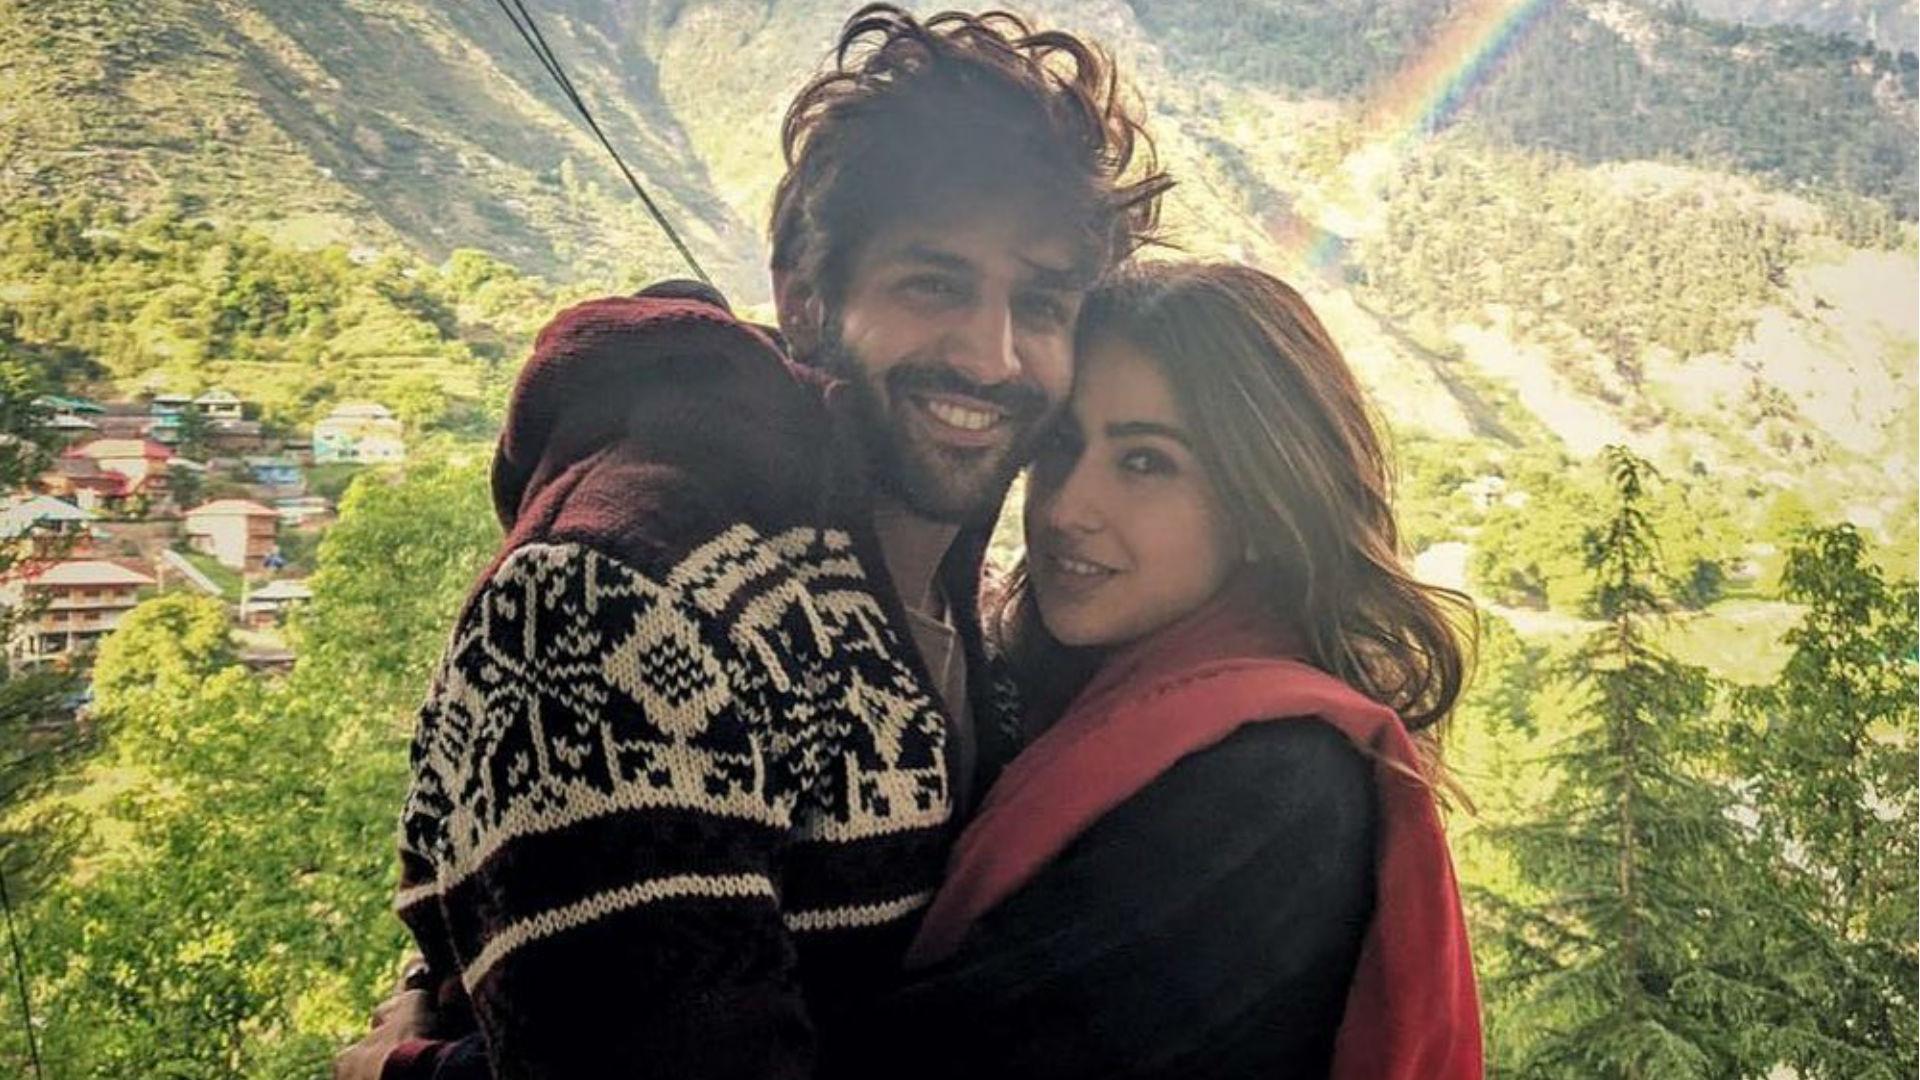 Sara Ali Khan Birthday: सारा अली खान के बर्थडे के लिए कार्तिक आर्यन ने छोड़ी फिल्म की शूटिंग! जानिए पूरा मामला